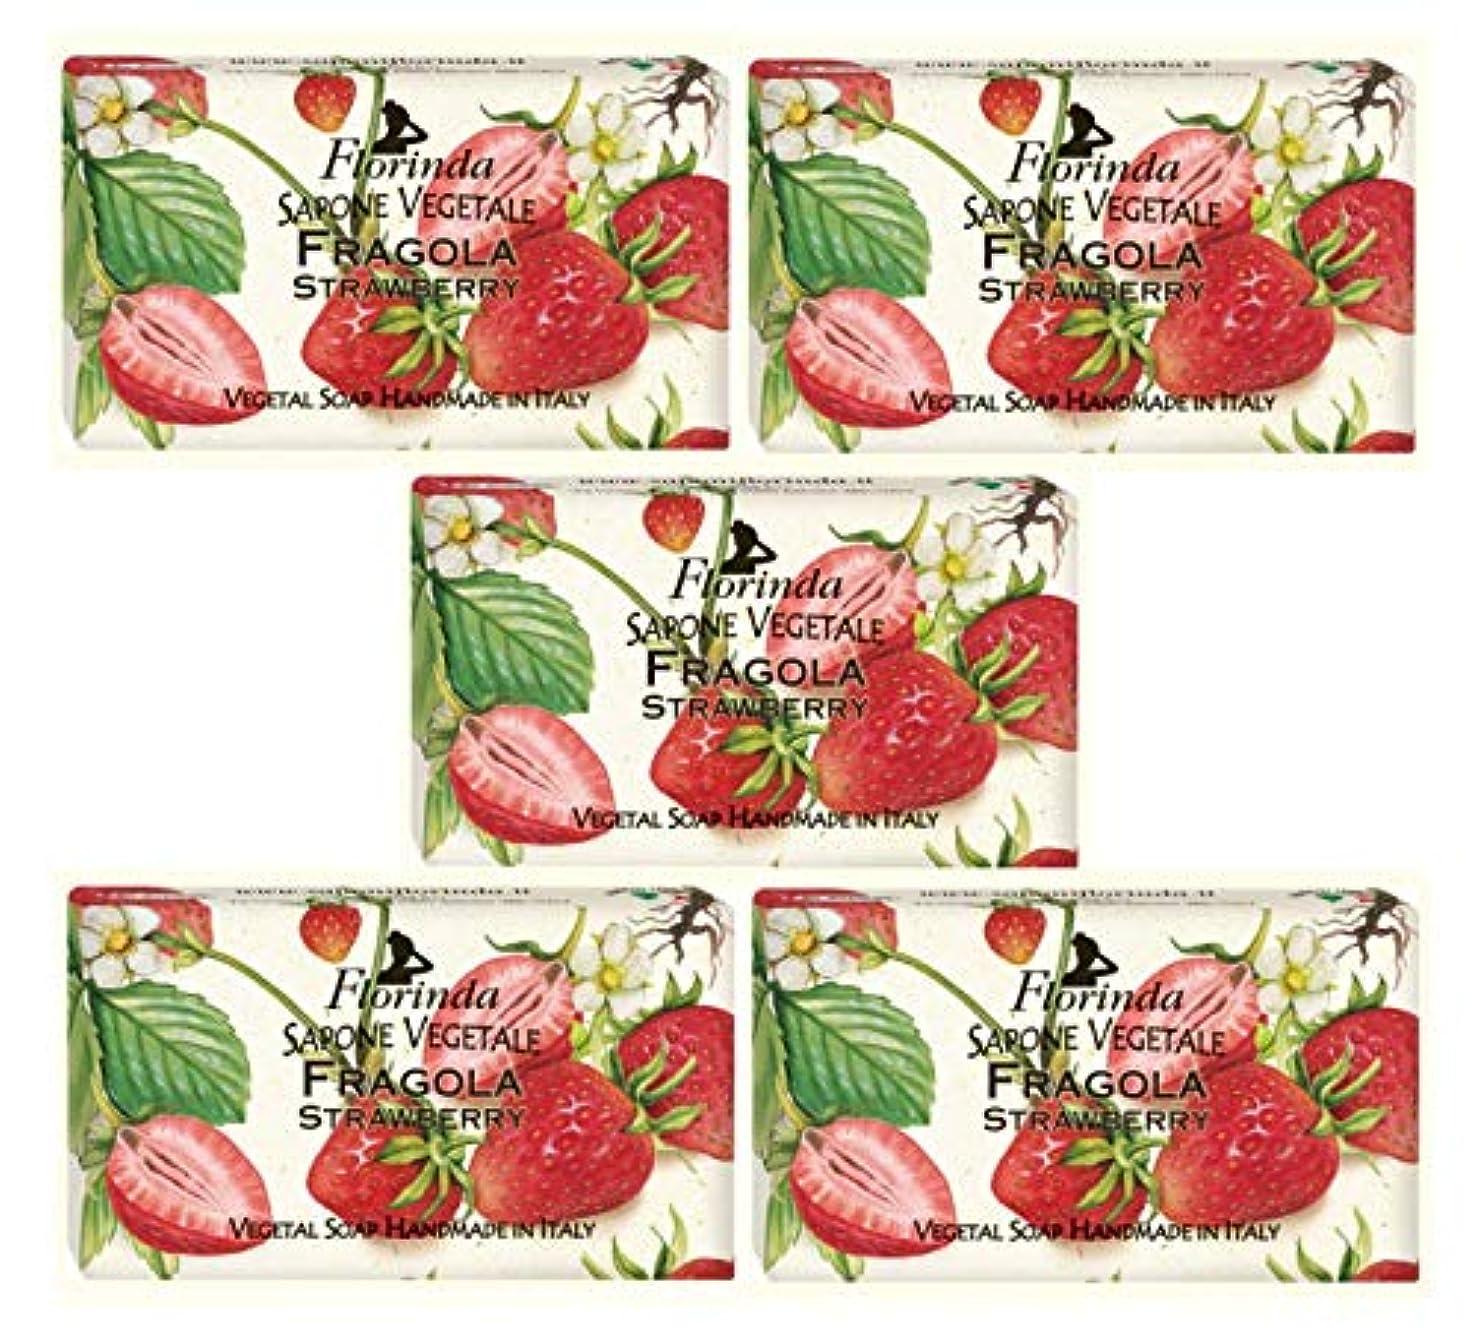 フロリンダ フレグランスソープ 固形石けん フルーツの香り ストロベリー 95g×5個セット